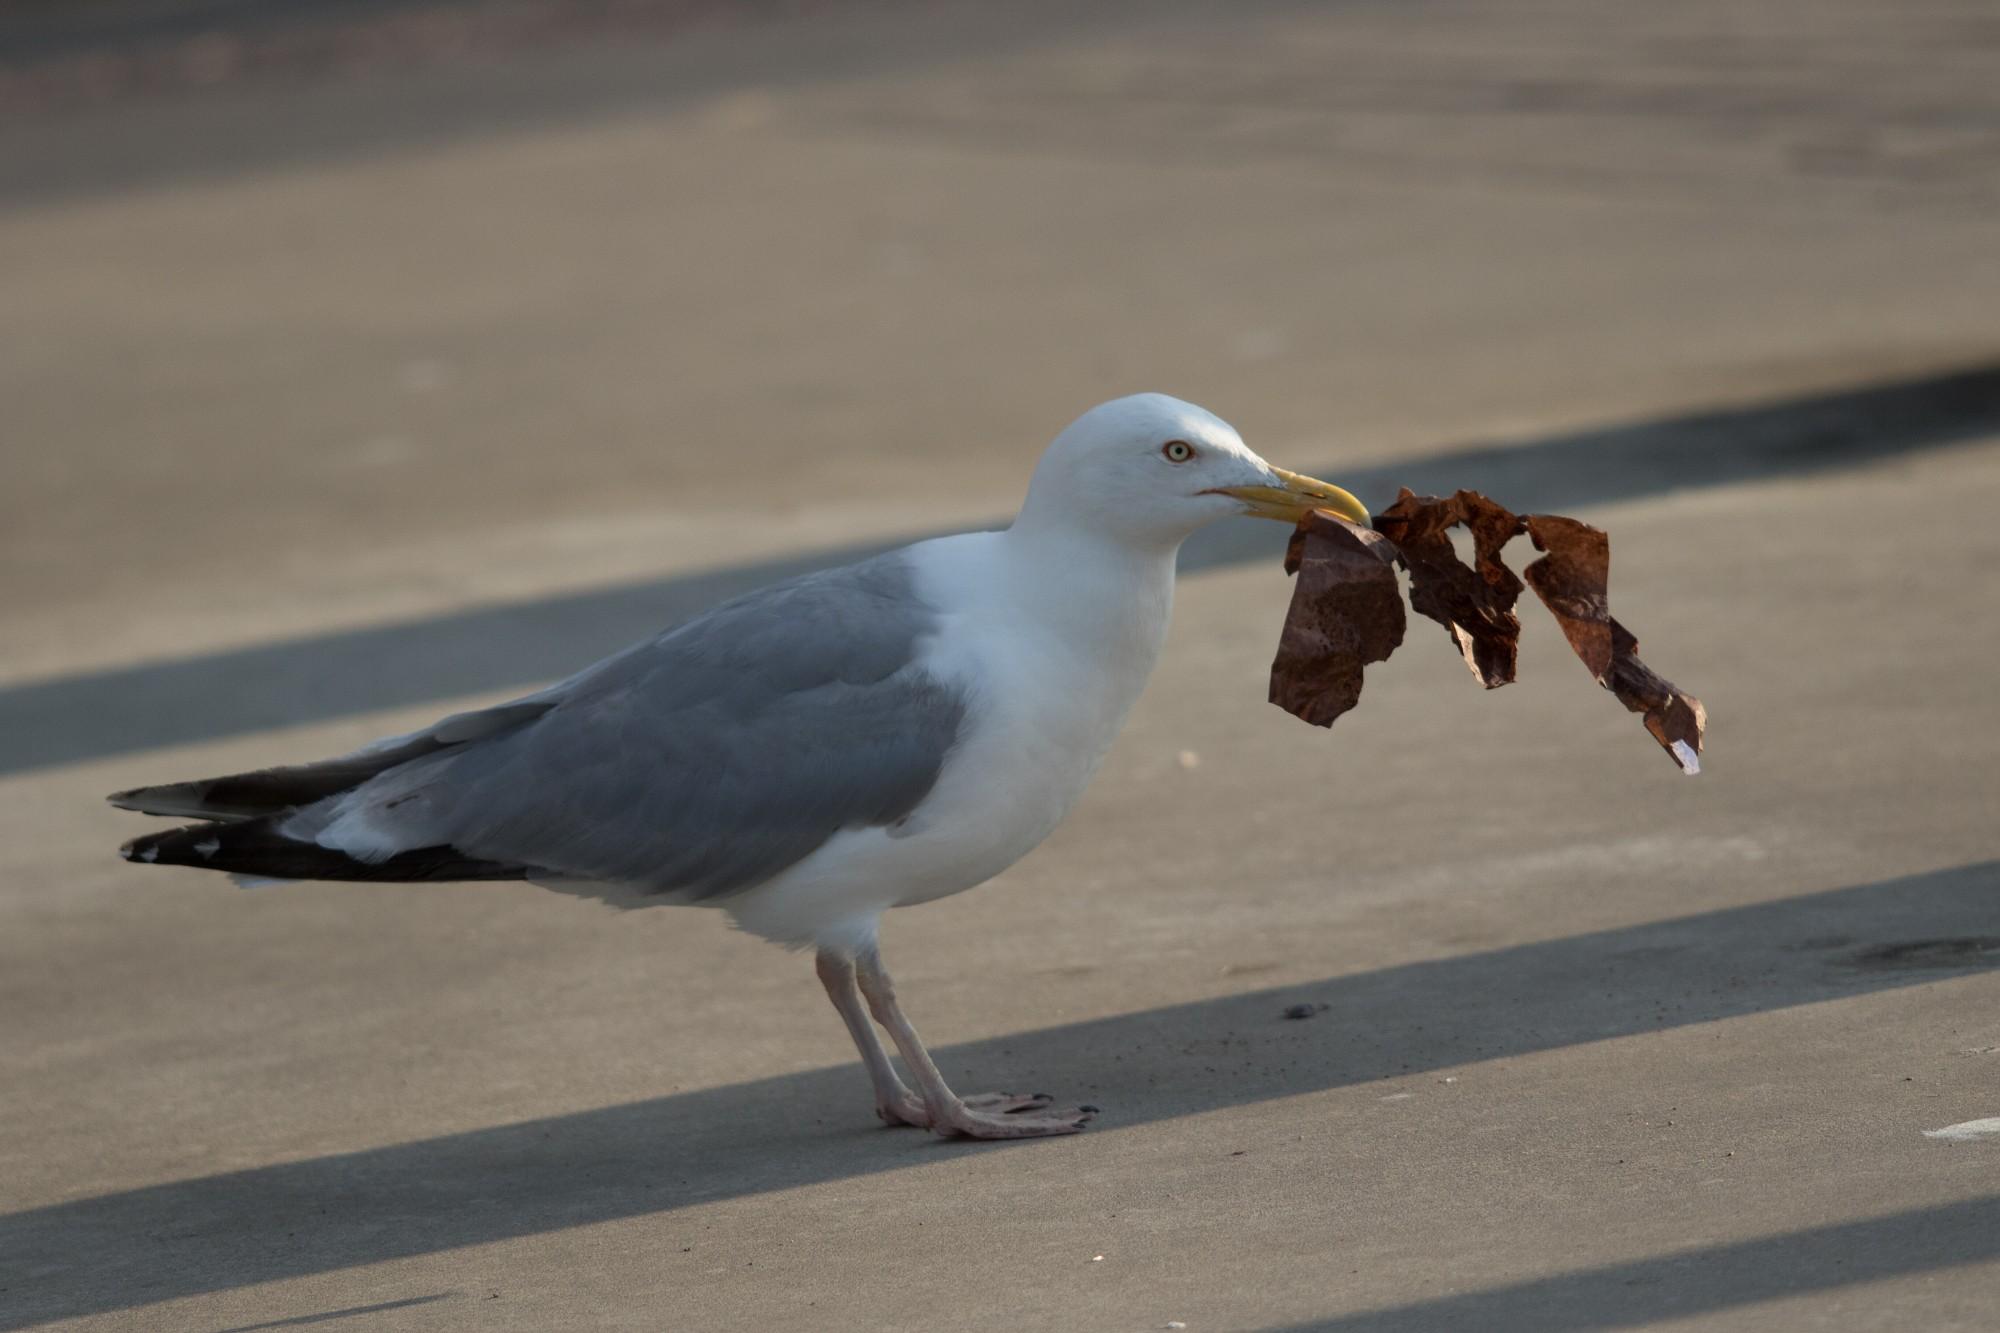 Из вентиляционной шахты высвободили птицу